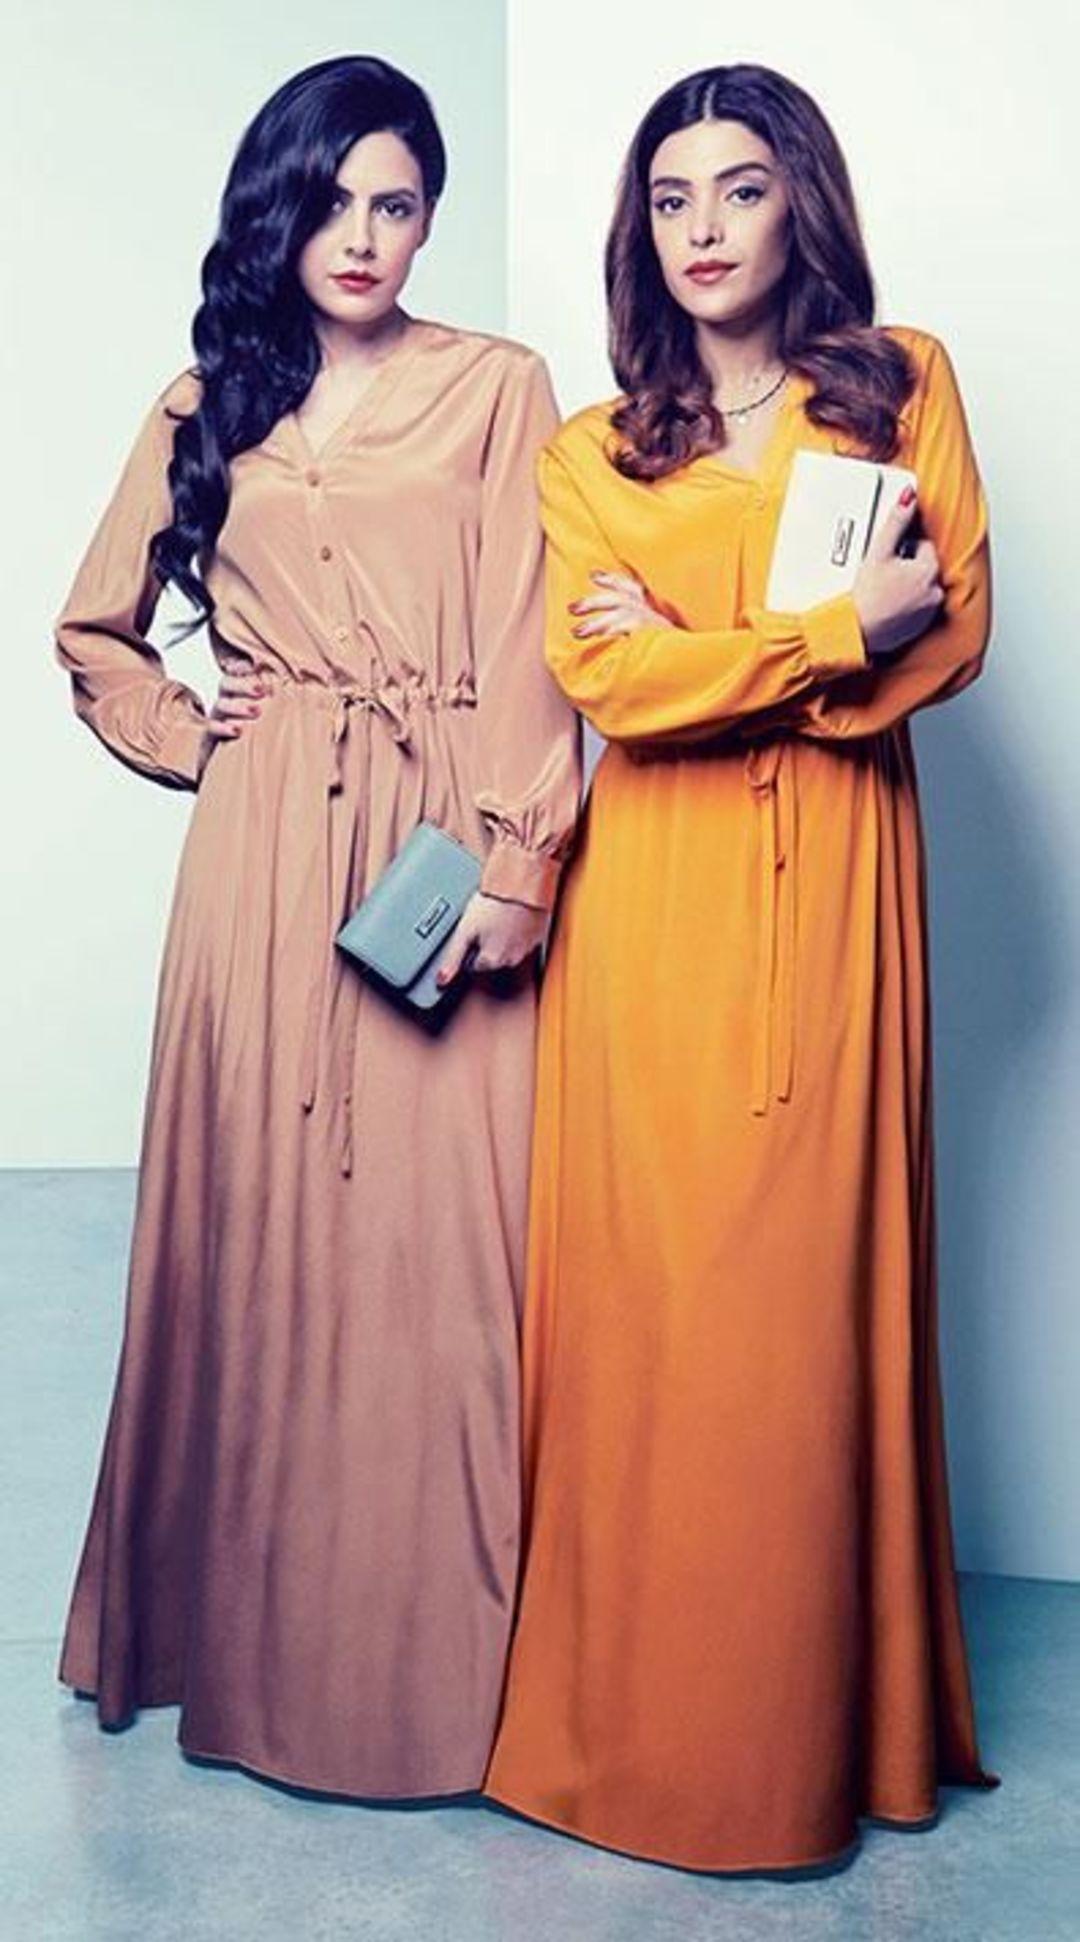 优衣库把穆斯林女装卖到了更多国家,今年 7 月来中国_时尚_好奇心日报